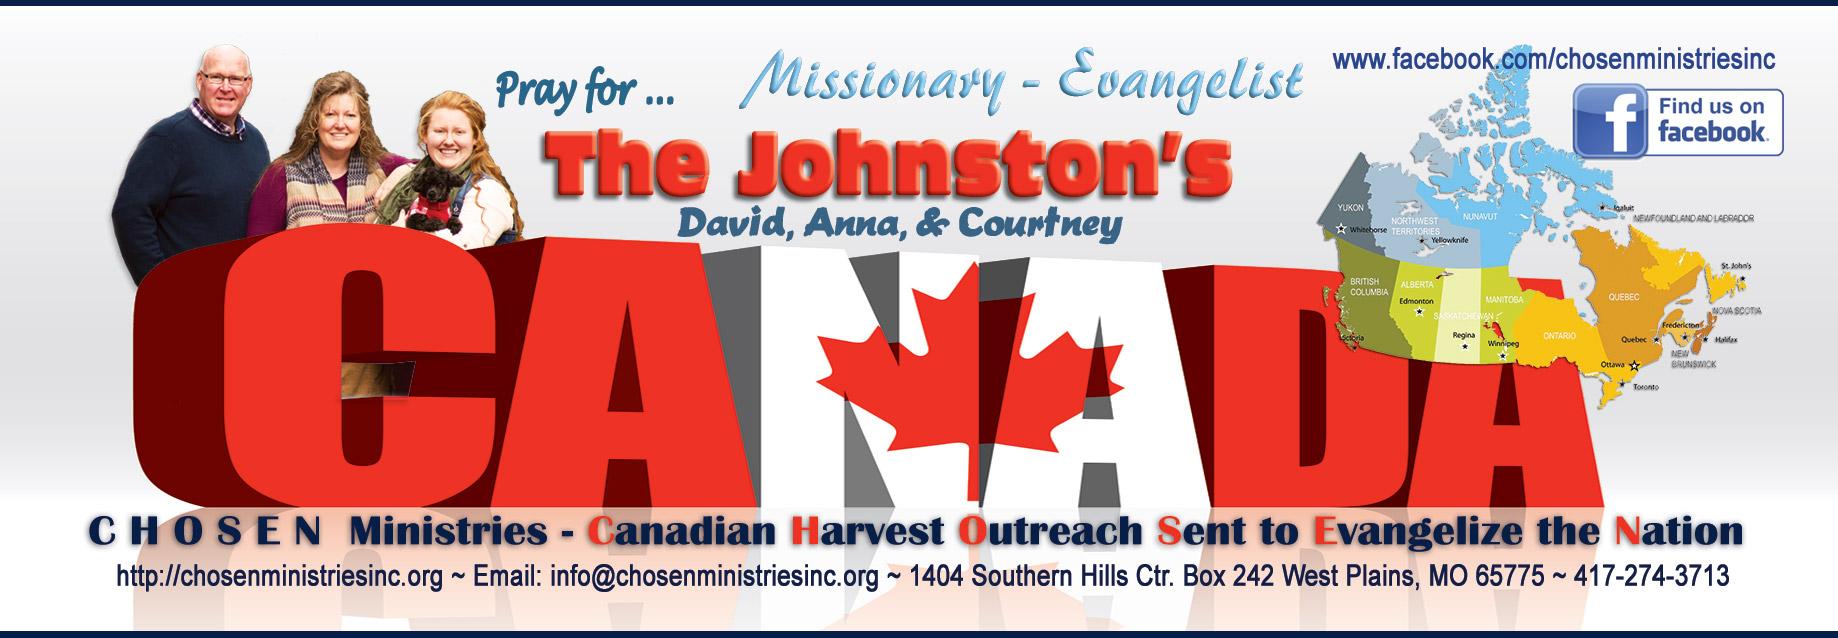 Chosen Ministries David Anna Courtney Johnston